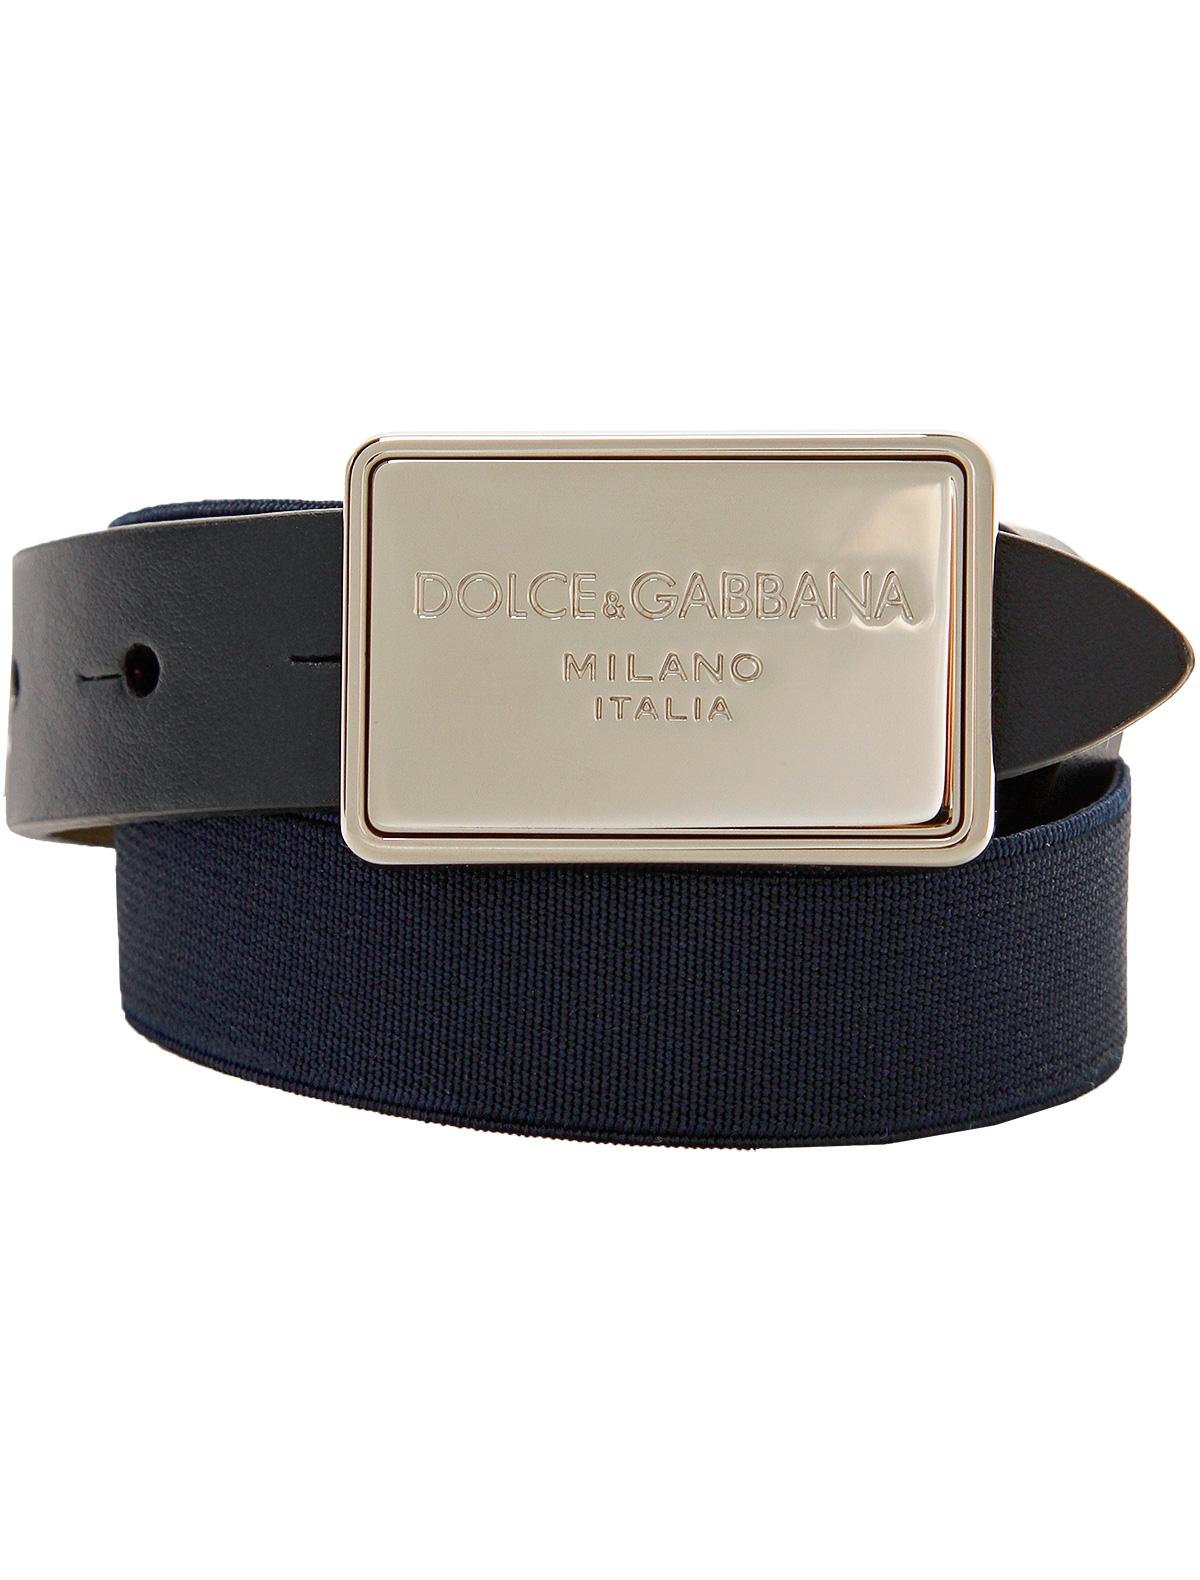 1845741, Ремень Dolce & Gabbana, синий, Мужской, 1301418880529  - купить со скидкой